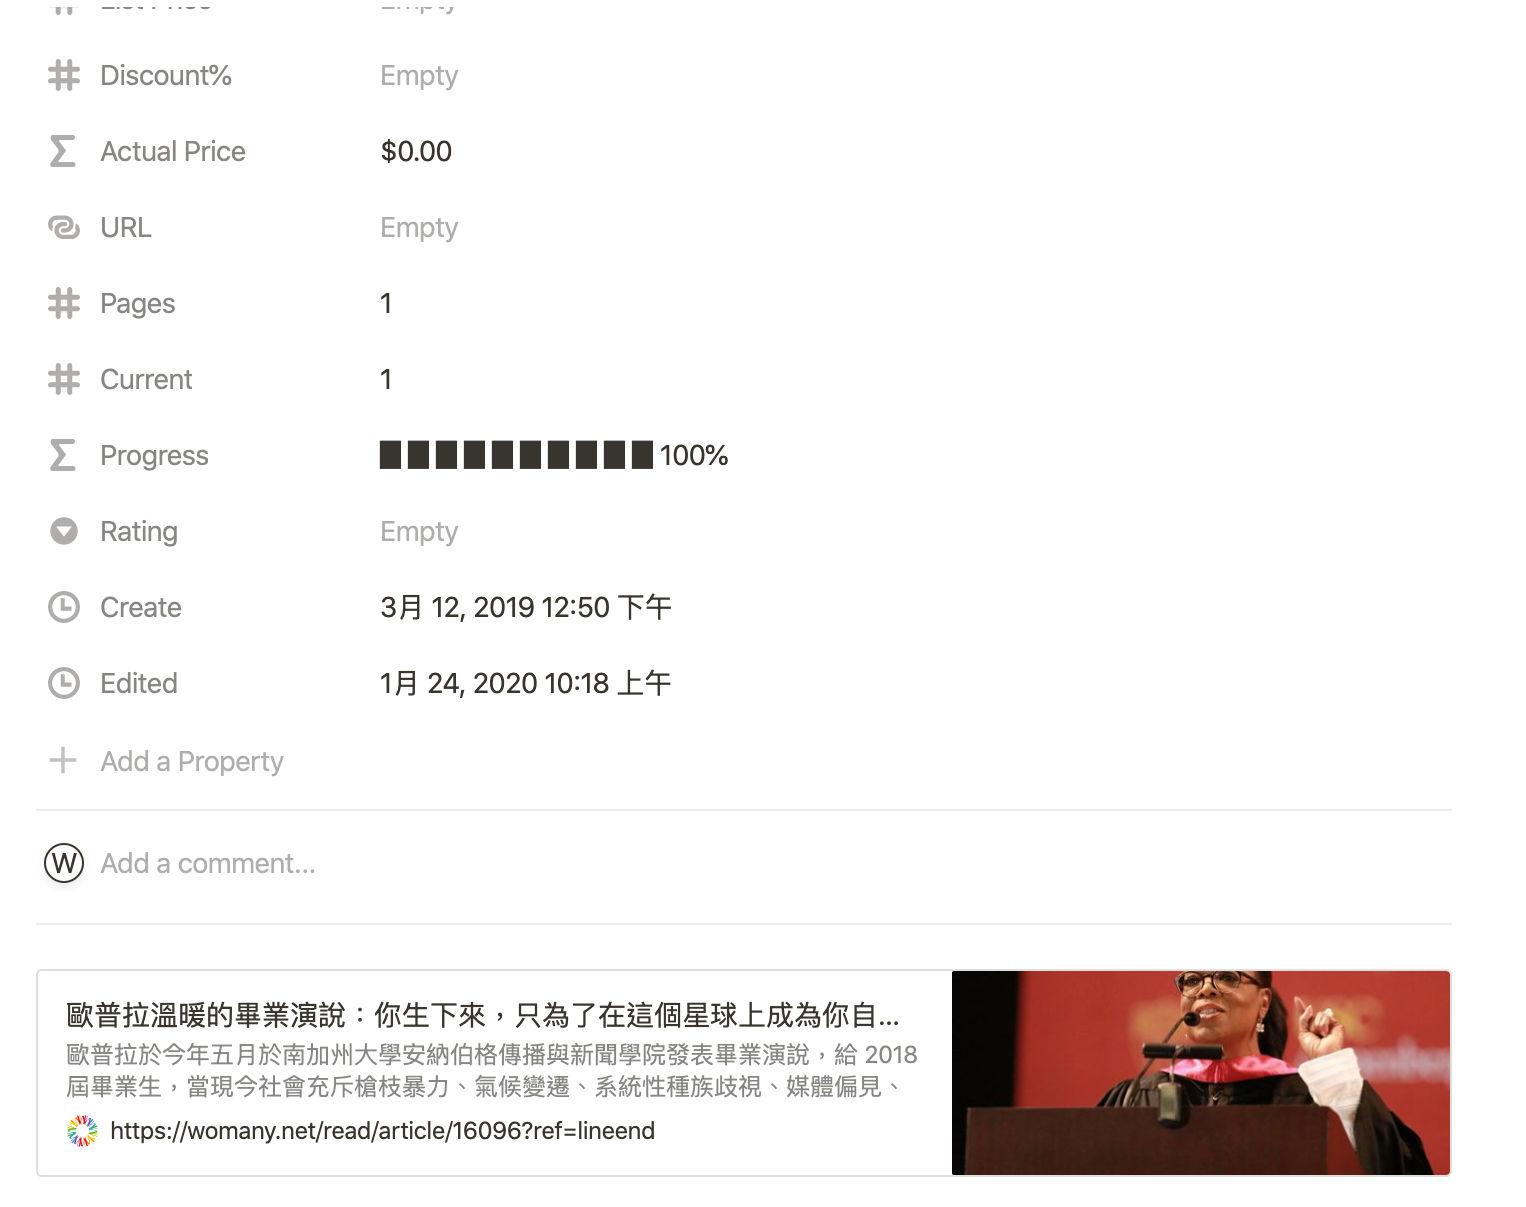 https://ik.imagekit.io/kuenwei/willliu_me/___2020-01-24___10.18.28_HsZQE_WuH.png